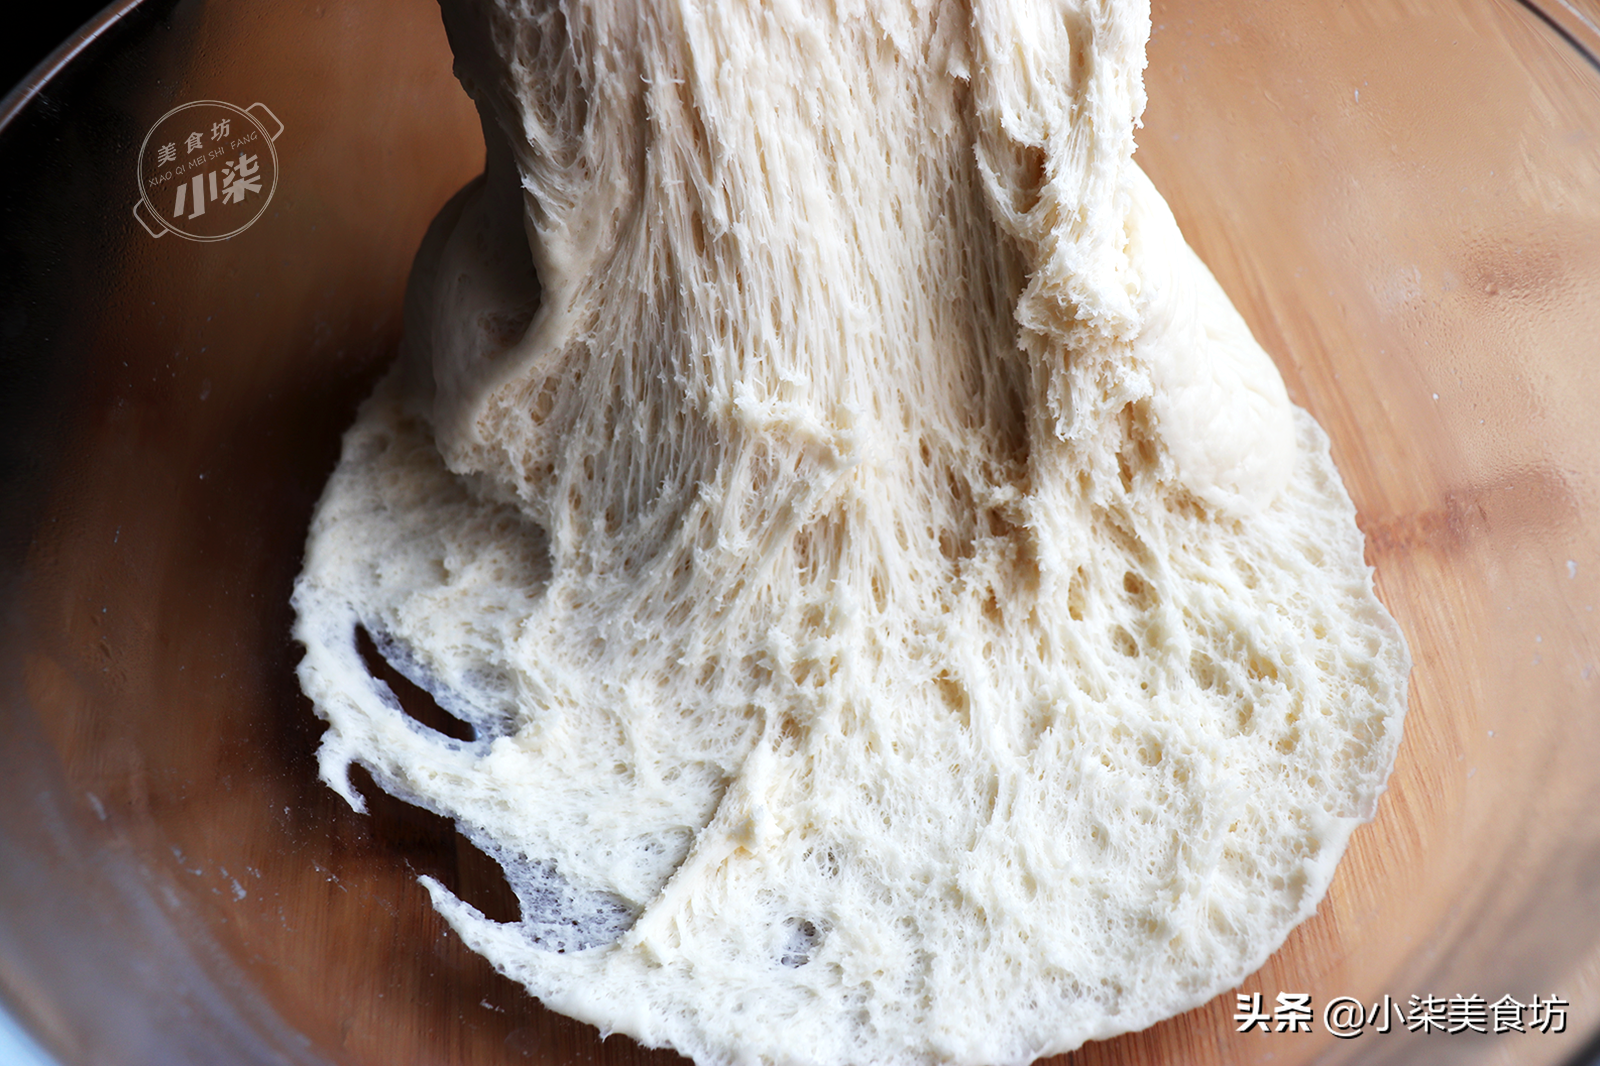 這才是酵母粉正確的使用方法,原來一直都做錯了,難怪發麵不成功